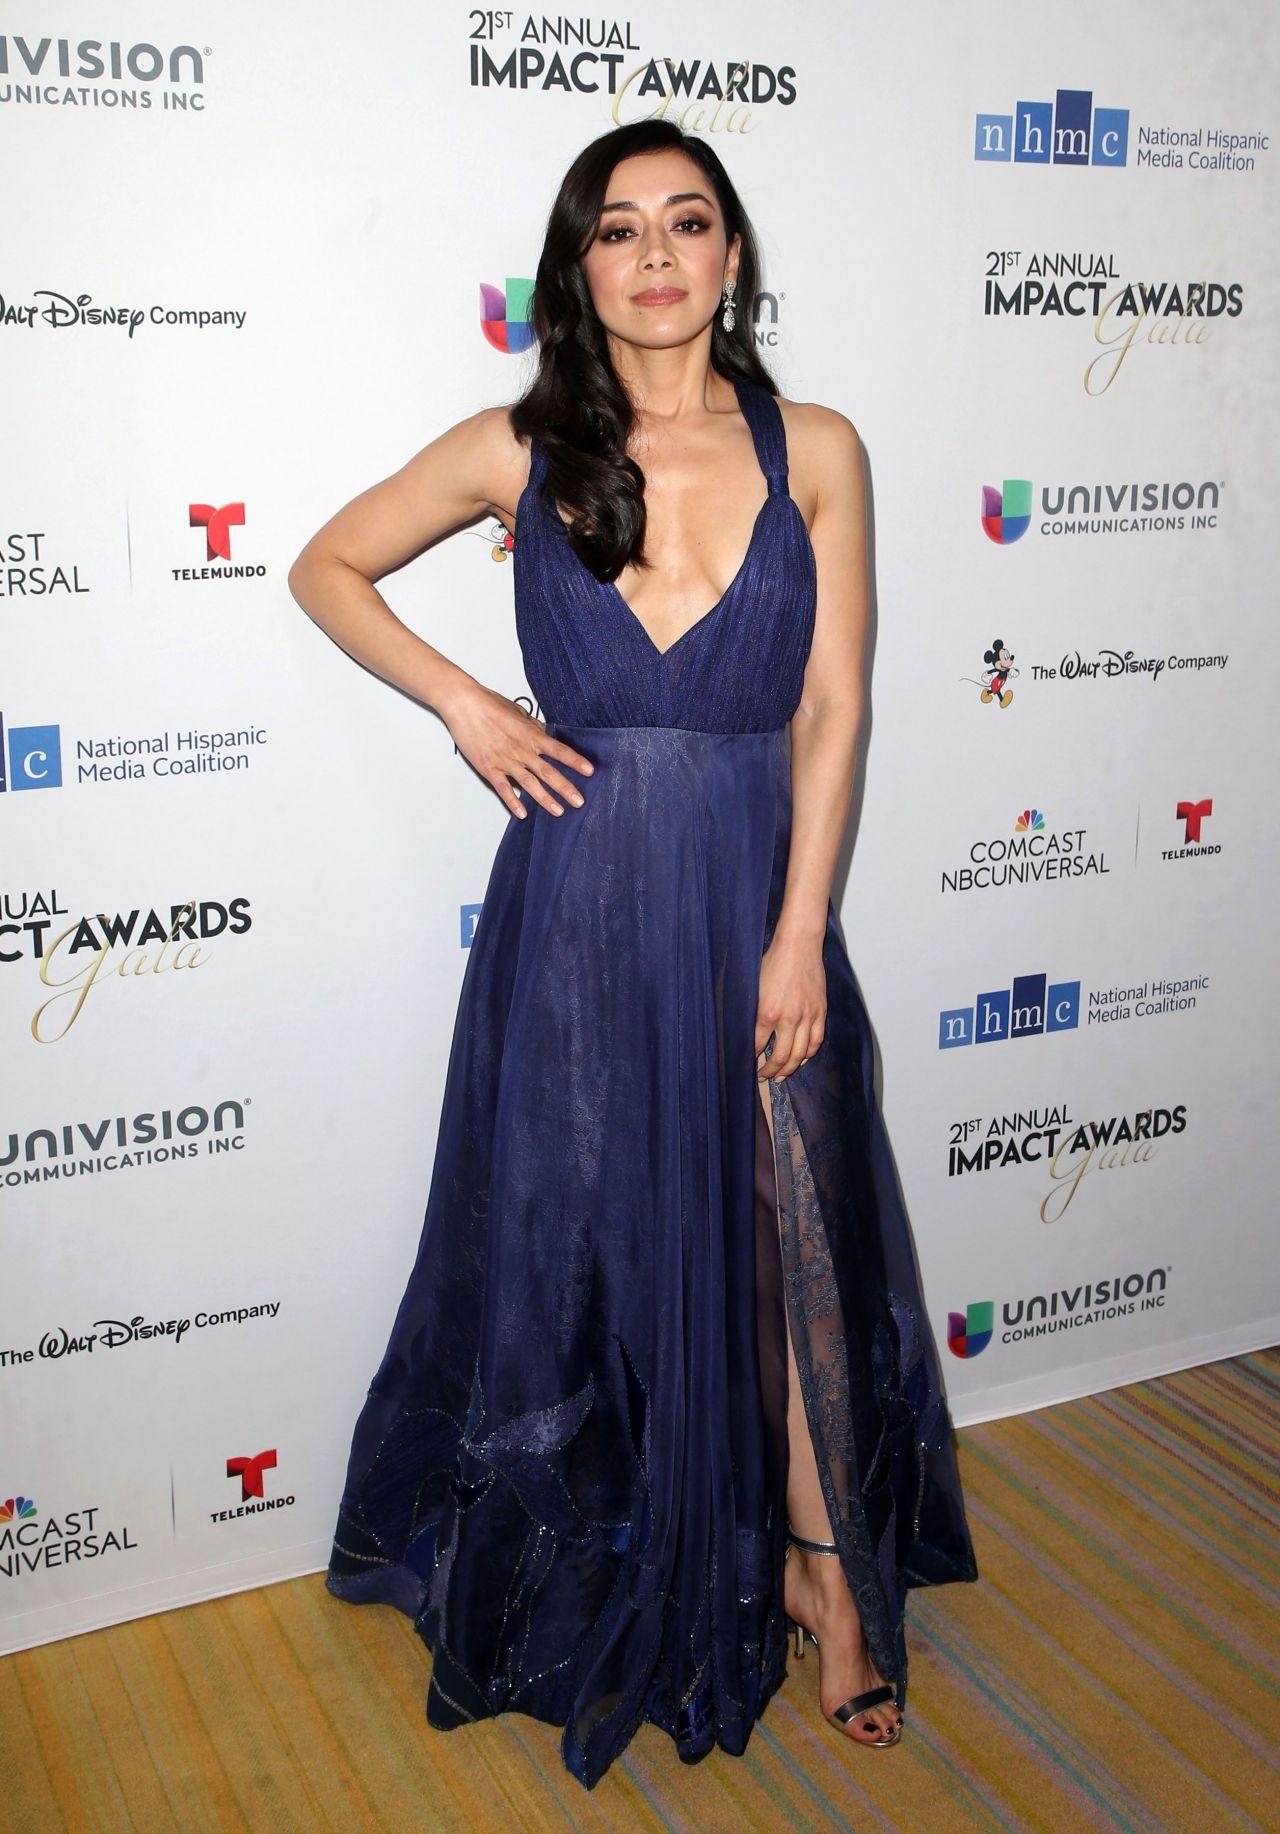 Aimee Garcia 2018 Impact Awards In Los Angeles